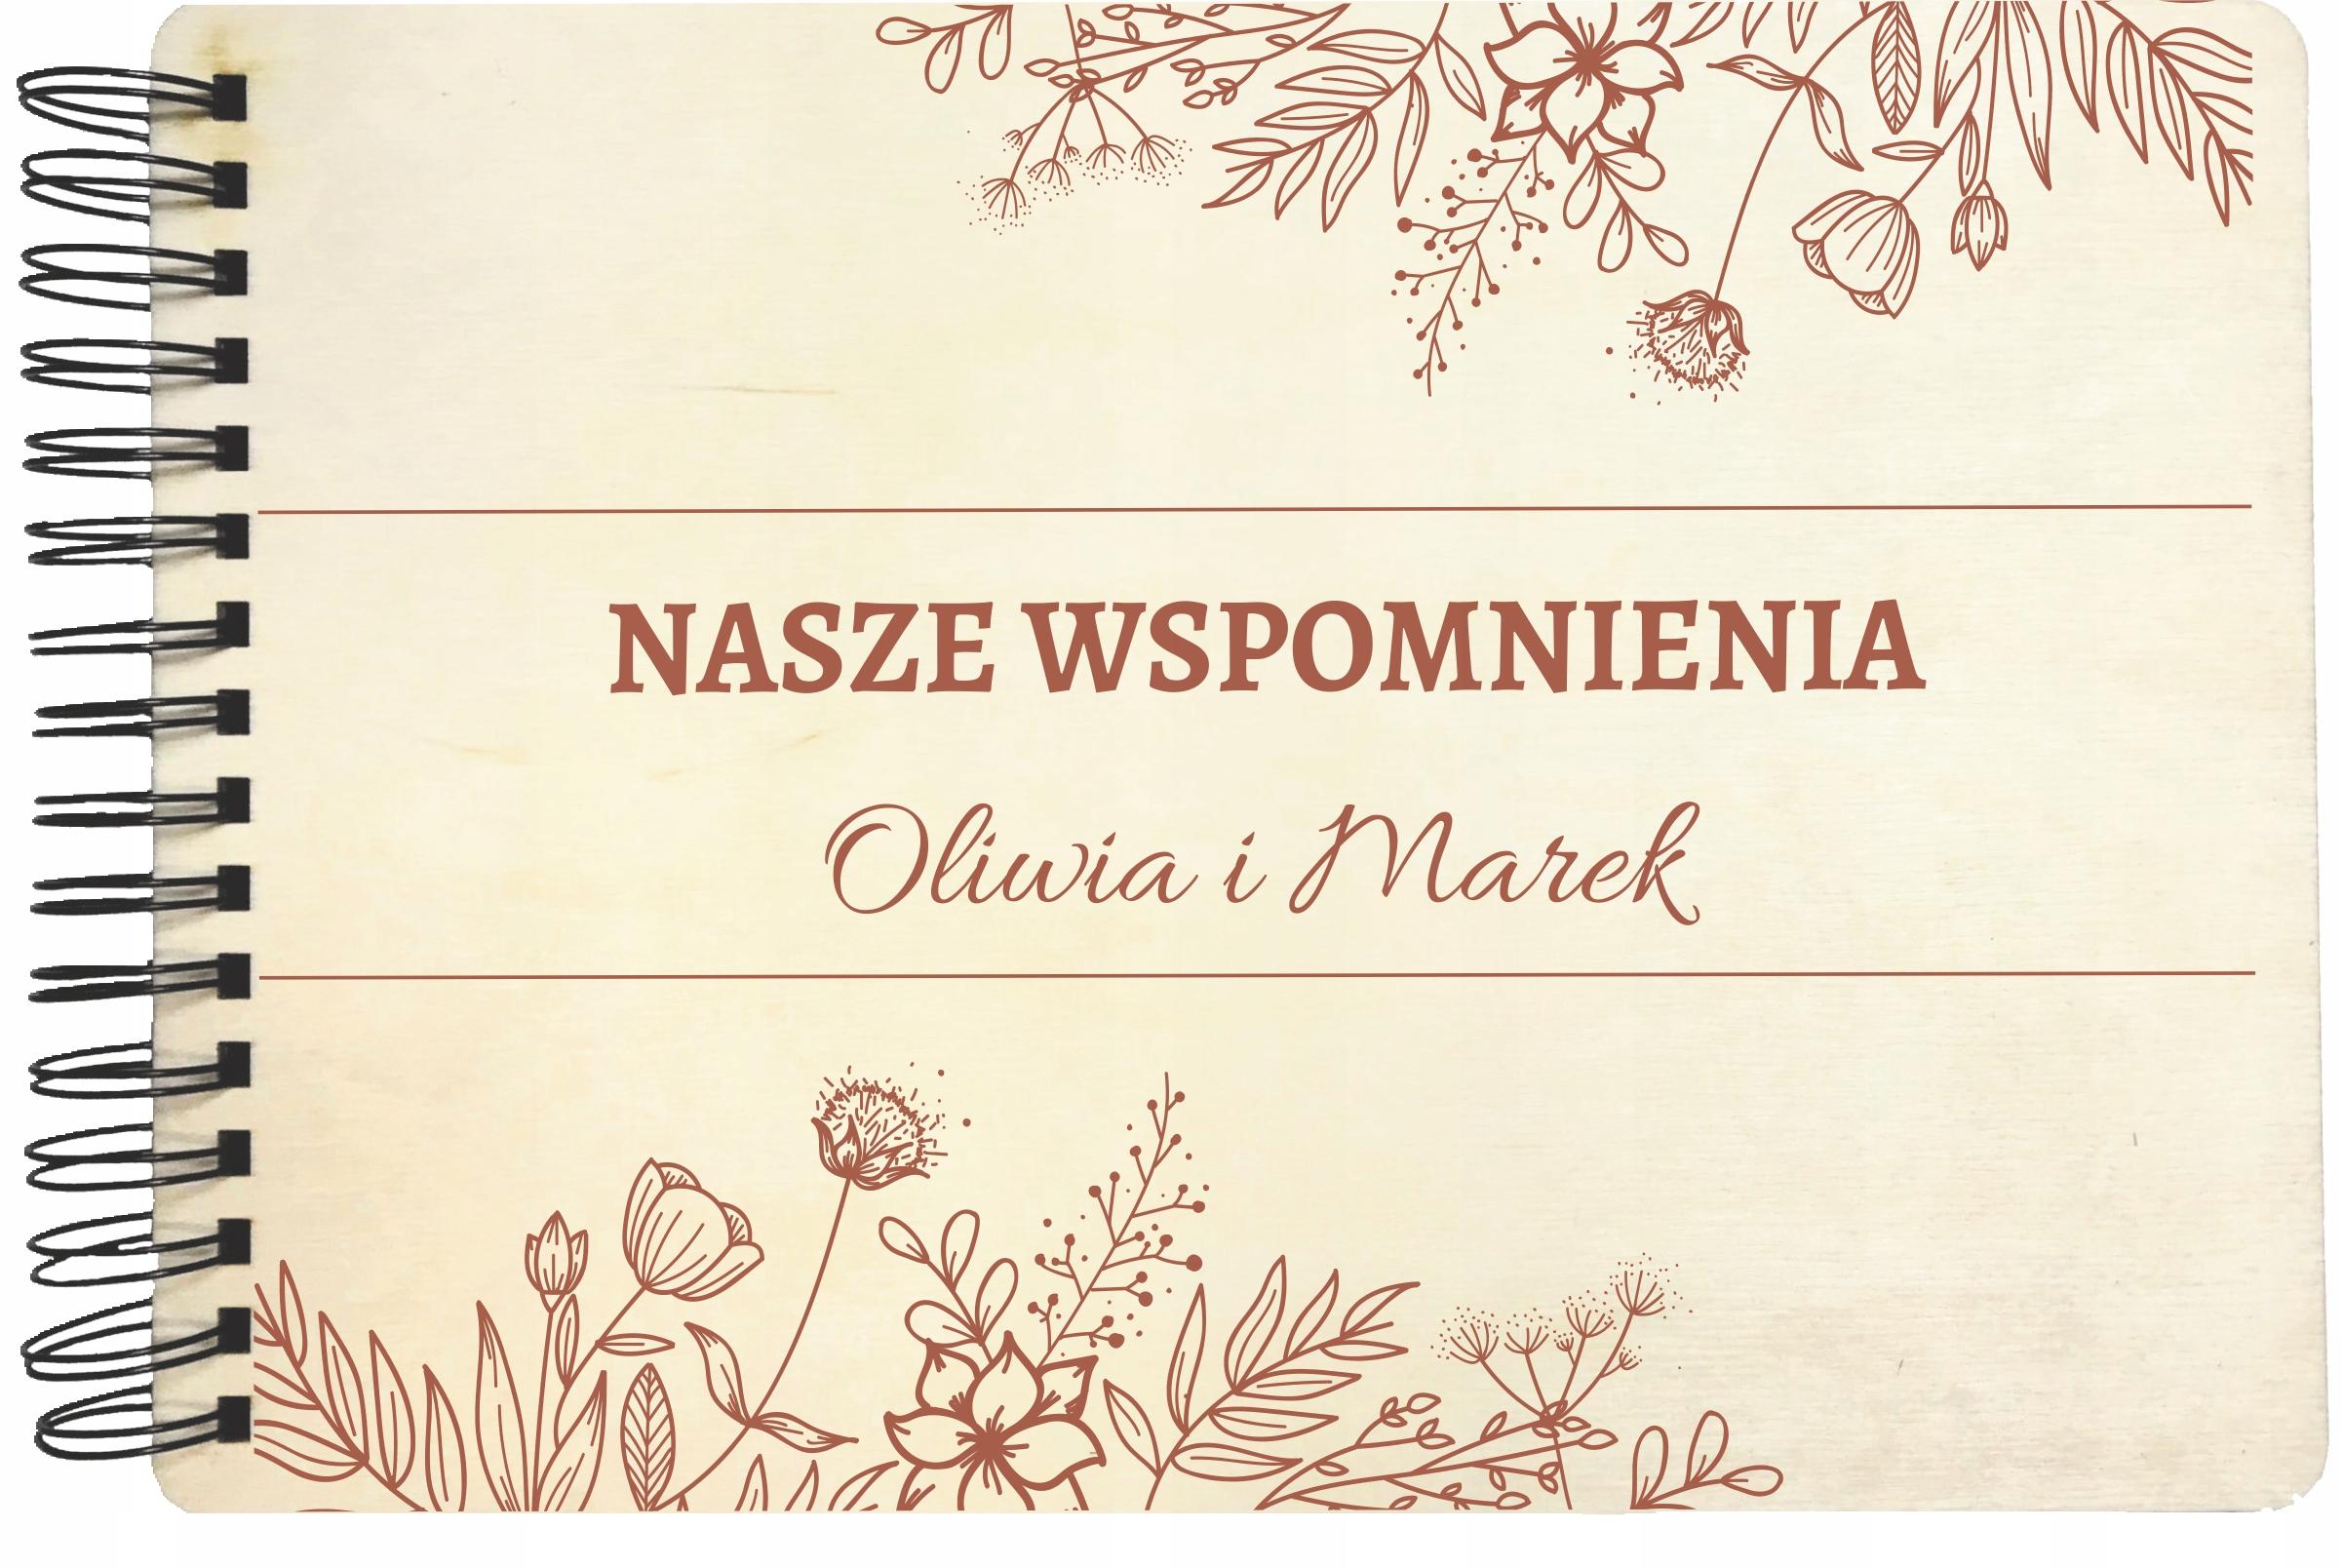 DREWNIANY ALBUM ŚLUBNY NA ZDJĘCIA GRAWER PREZENT